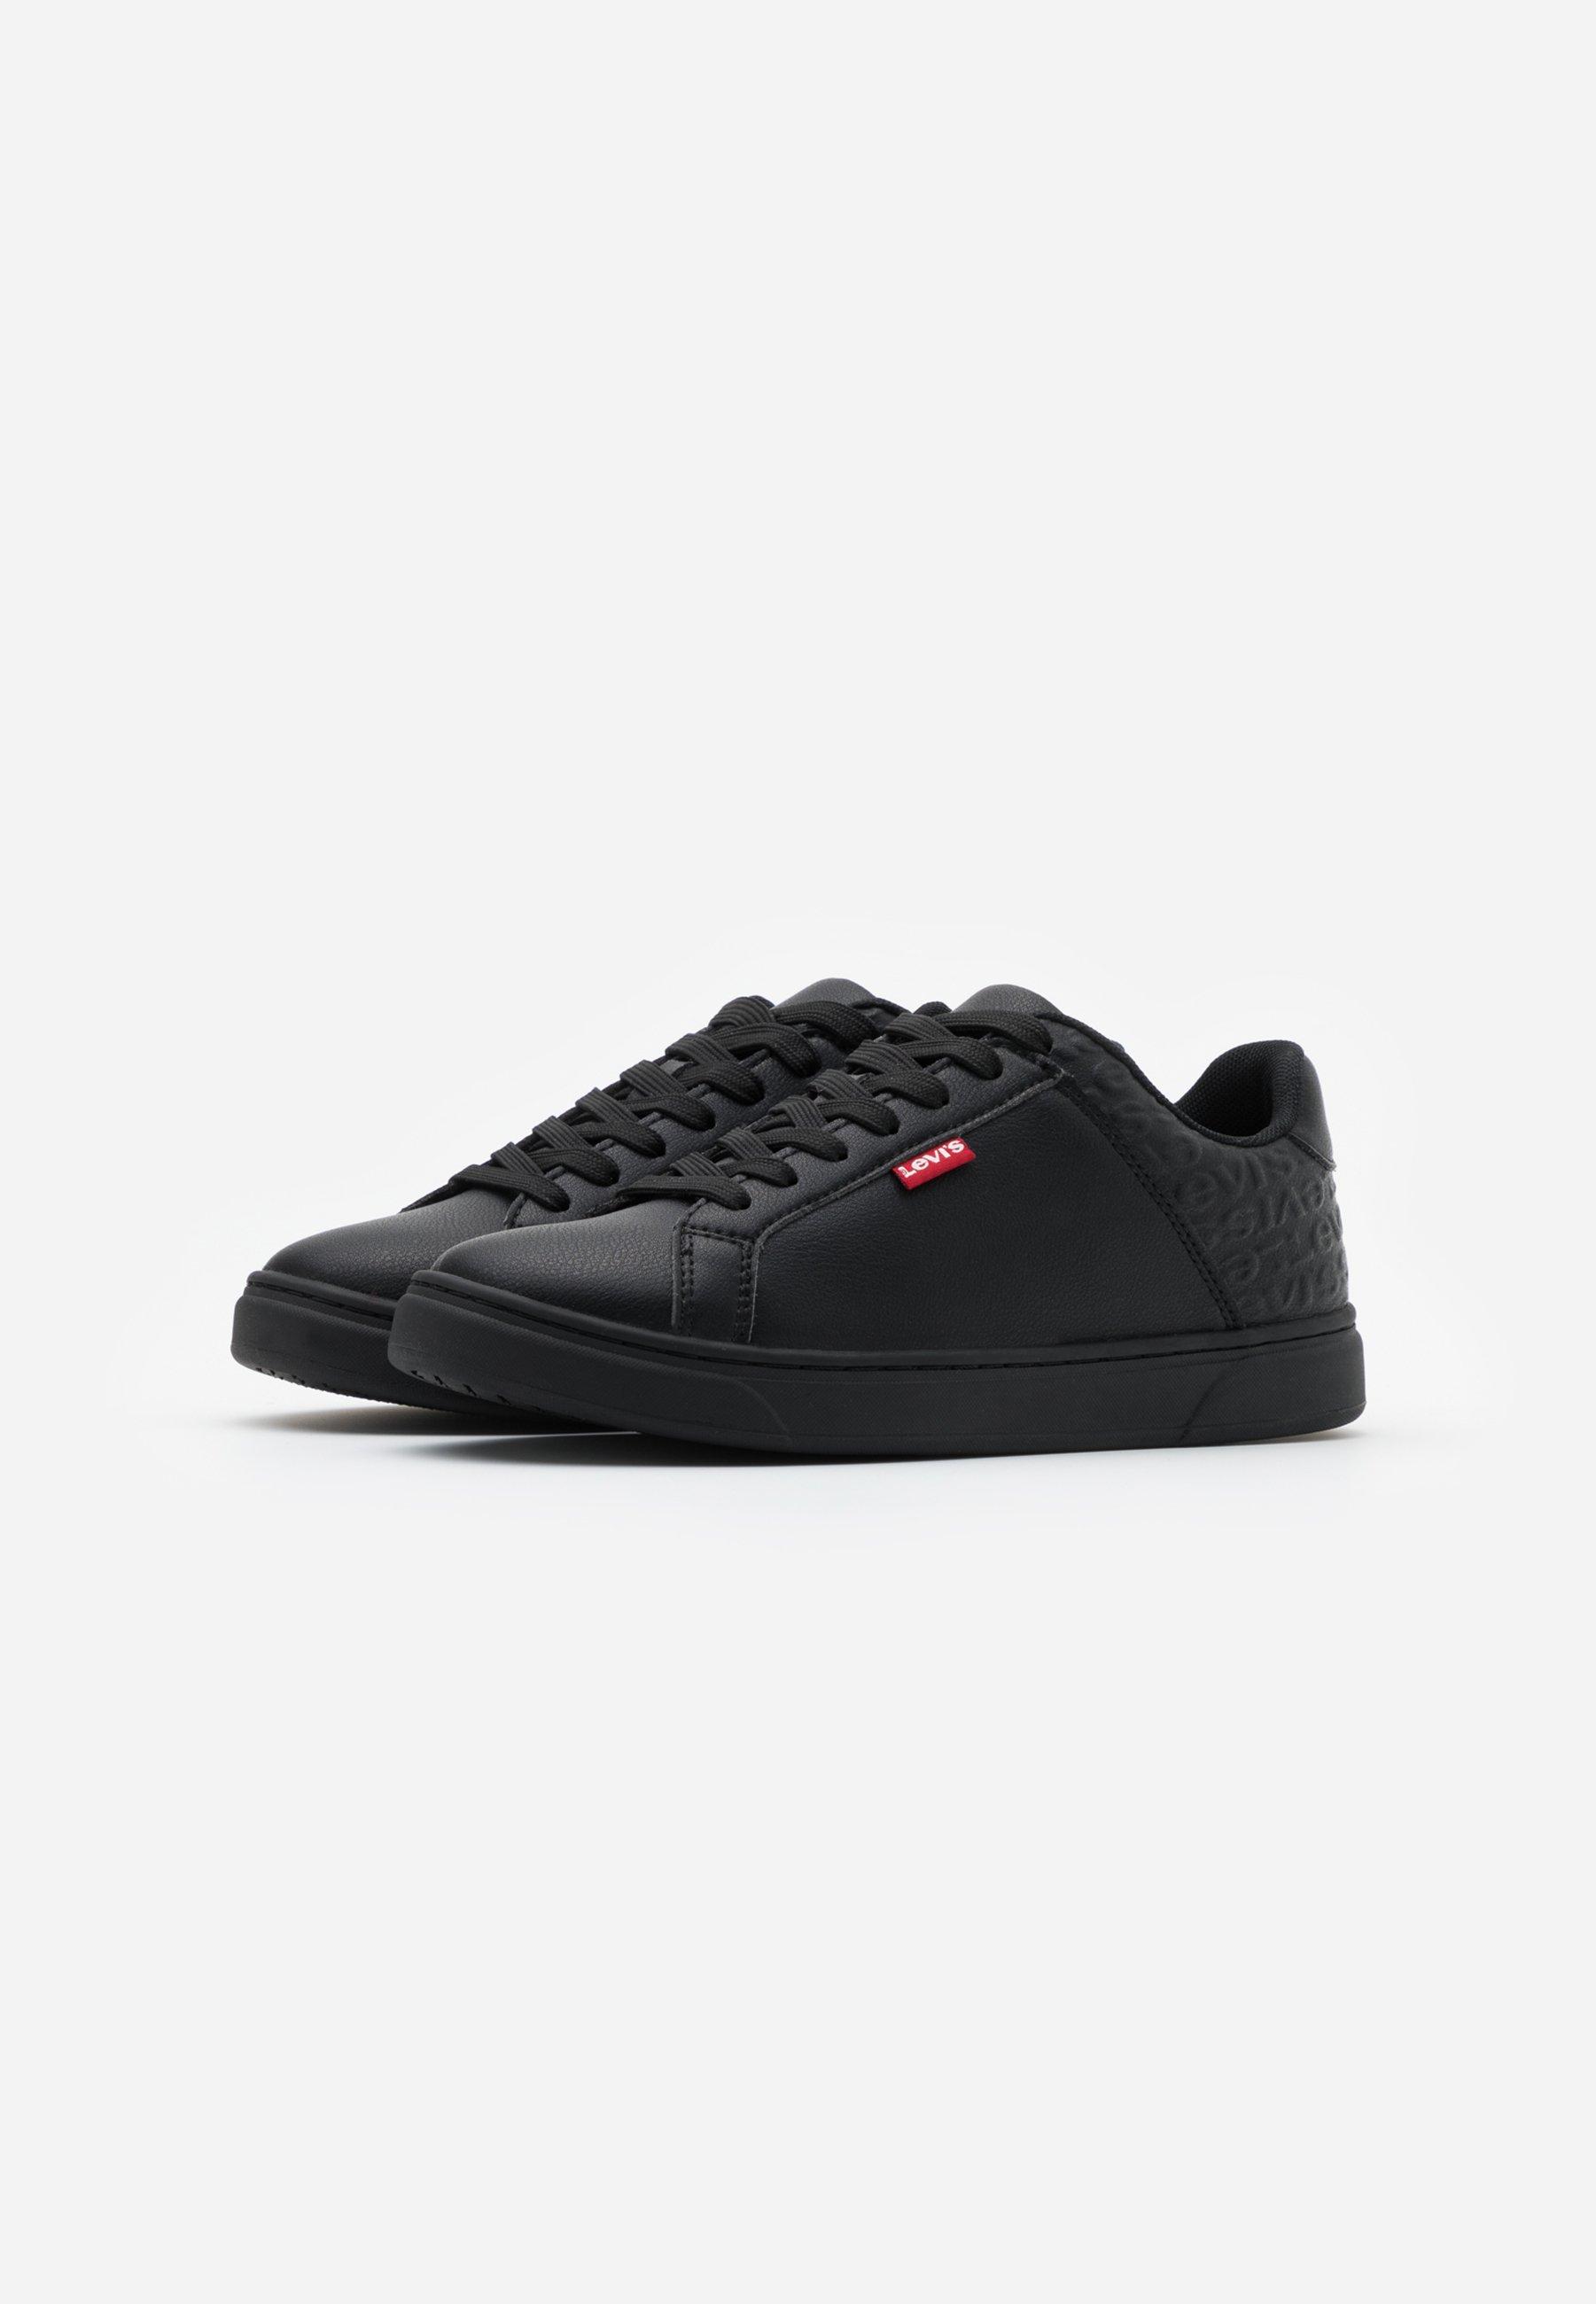 Aankoop Best Verkopende Damesschoenen PsdkjGXhisd Levi's® CAPLES Sneakers laag regular black bsNu56k